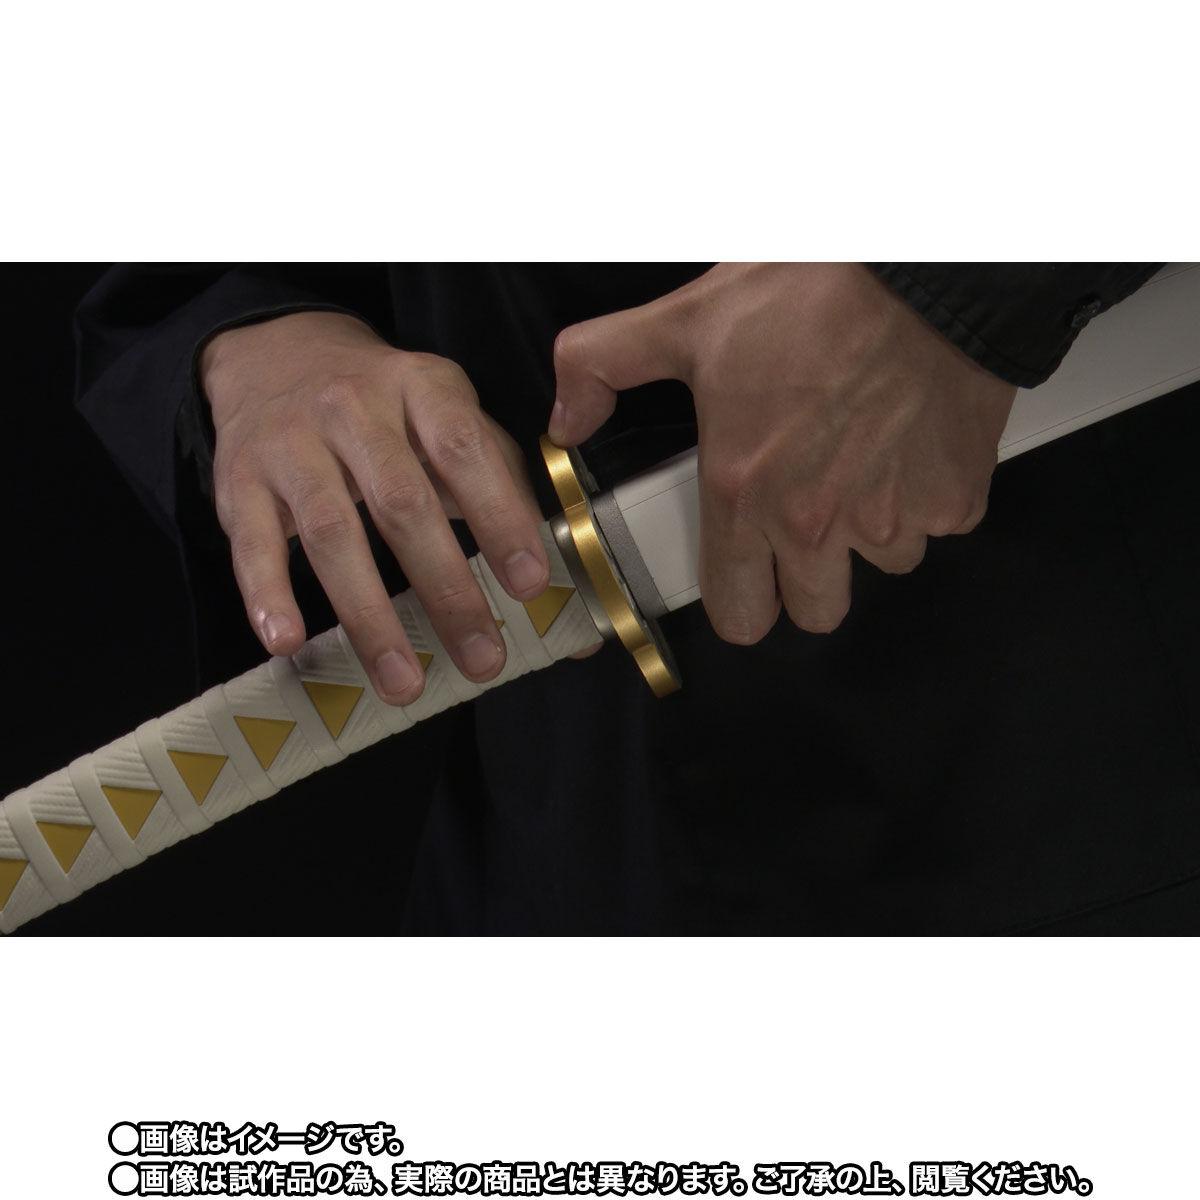 【限定販売】PROPLICA プロップリカ『日輪刀(我妻善逸)』鬼滅の刃 変身なりきり-008